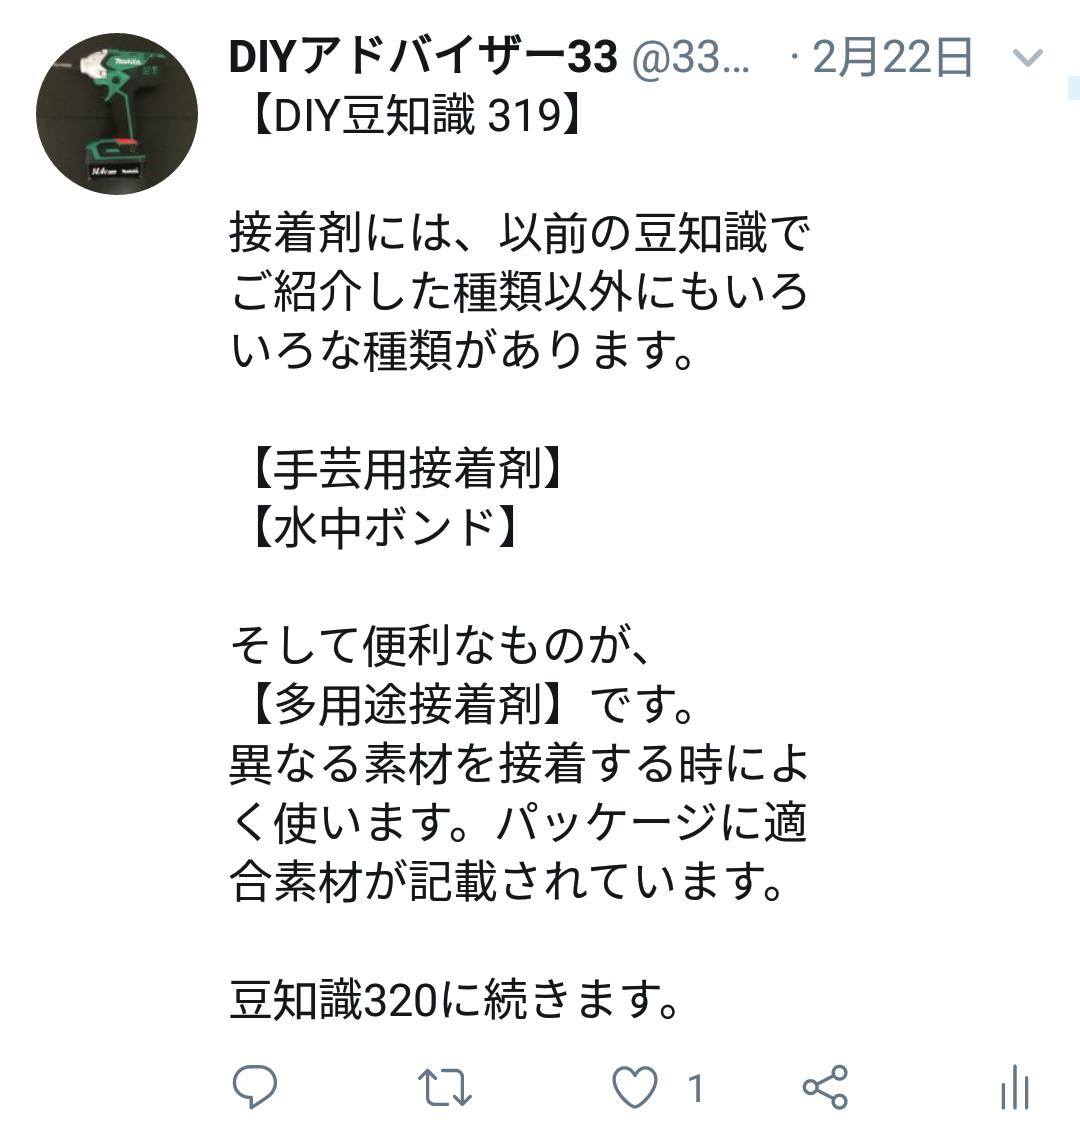 f:id:DIY33:20190409224702p:plain